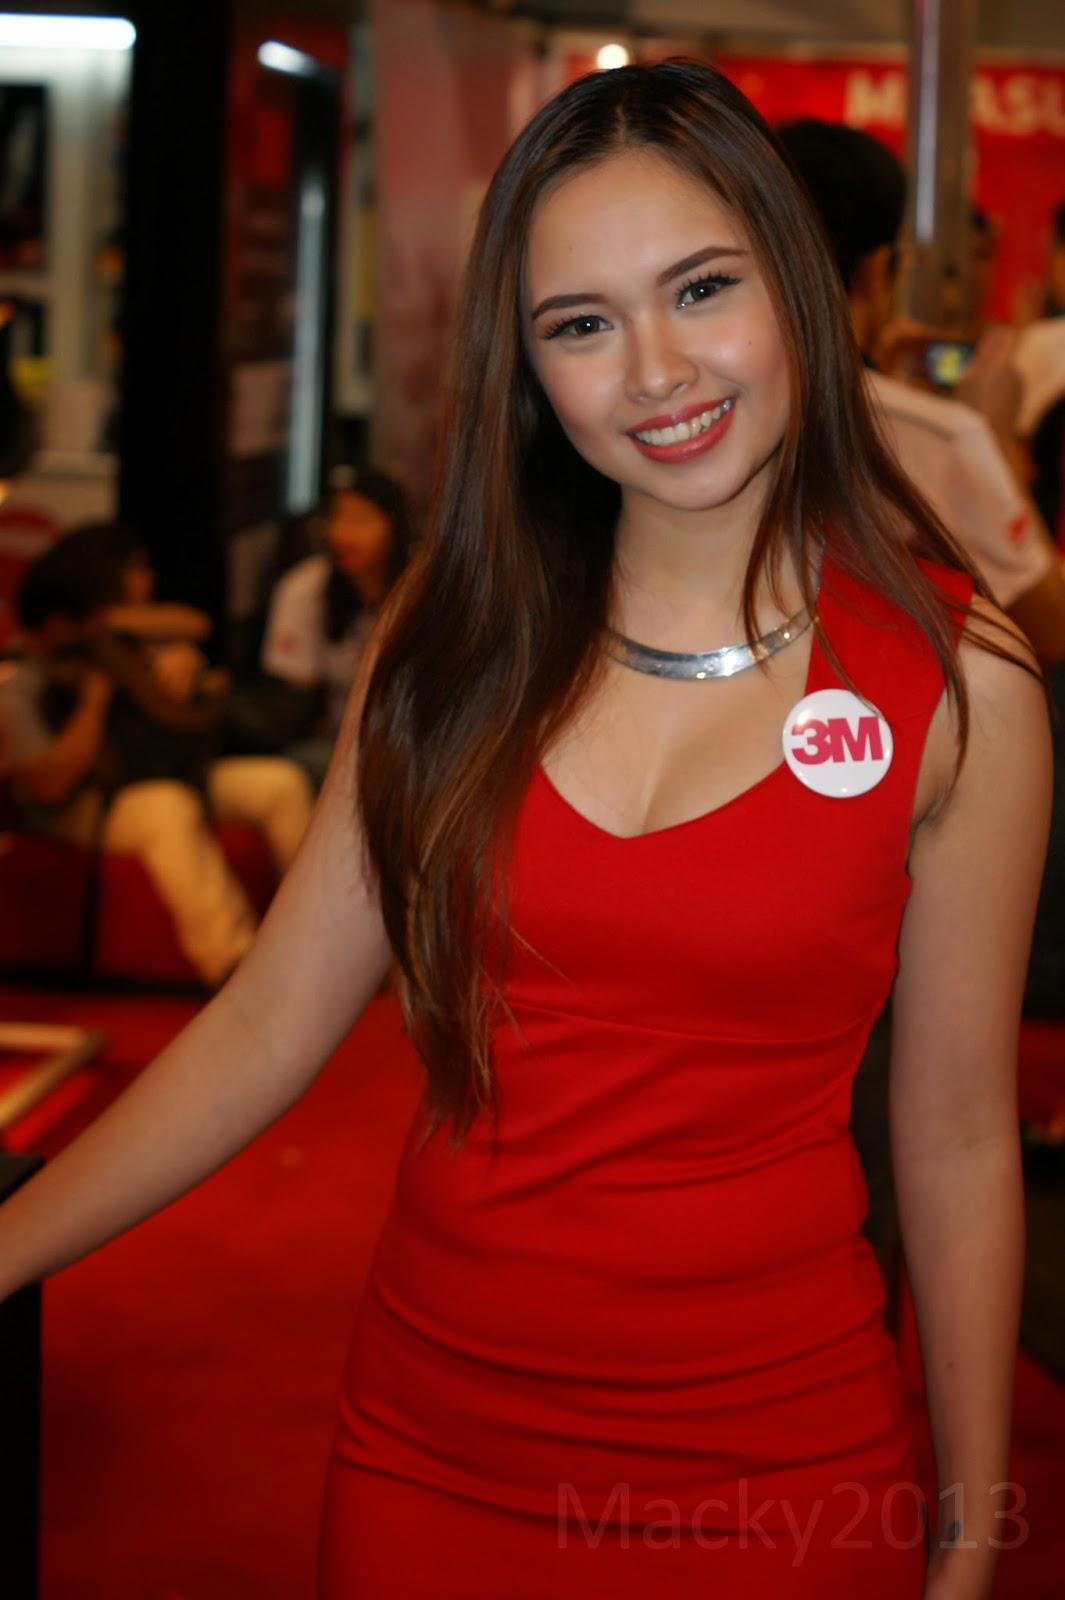 Mackys Vault of Various Stuff: Manila Auto Salon 2012